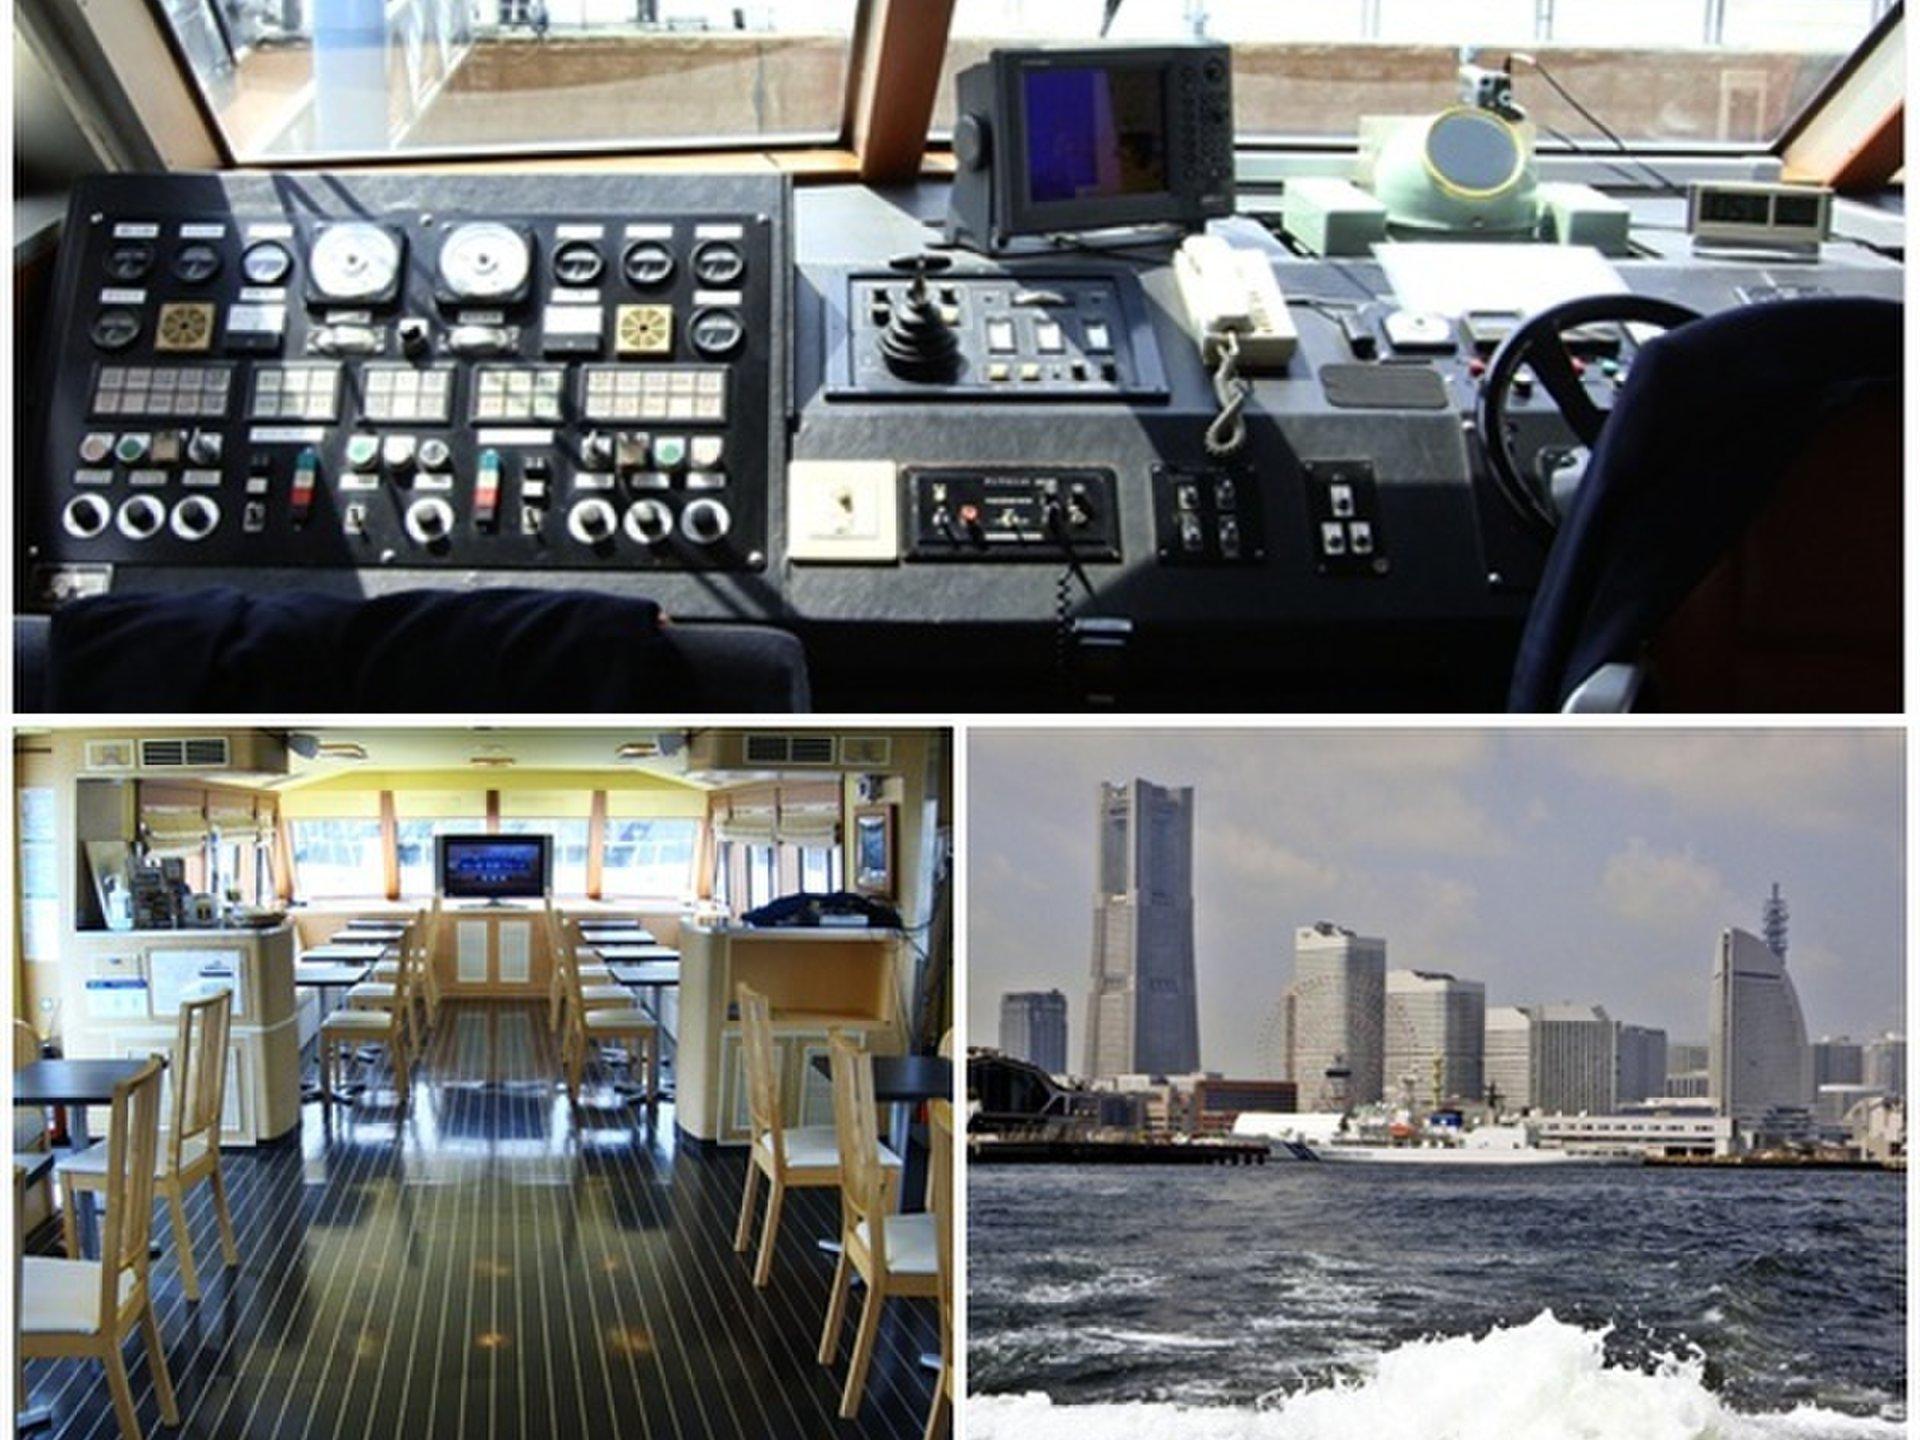 横浜を船上から観光。夜景デートにもおススメ!【横浜港 みなとみらい クルージング】。